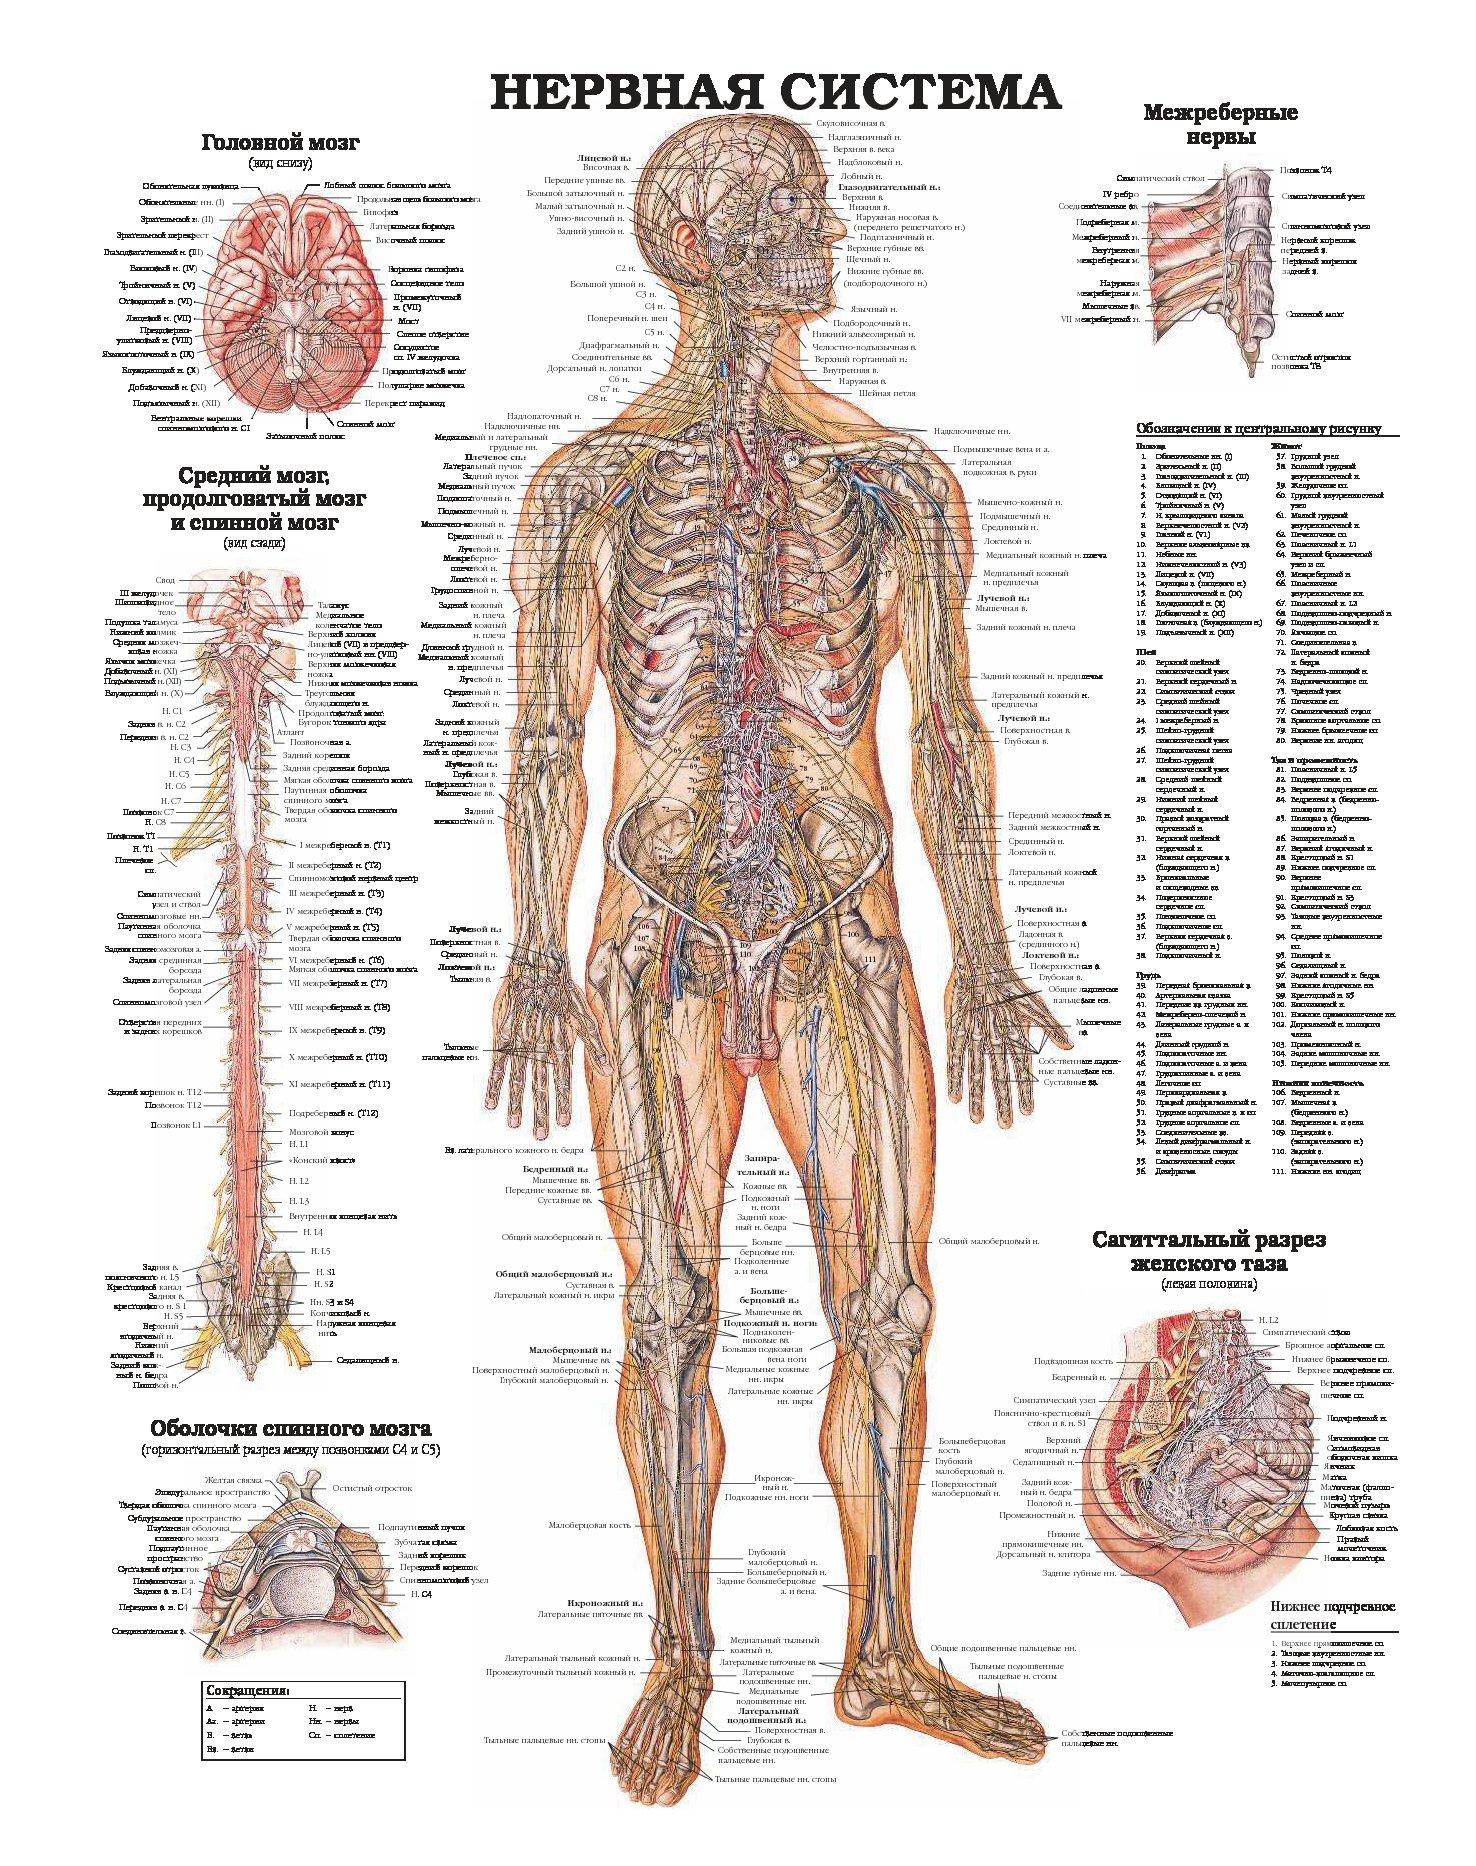 купить книгу анатомия человека системы и органы махиянова е